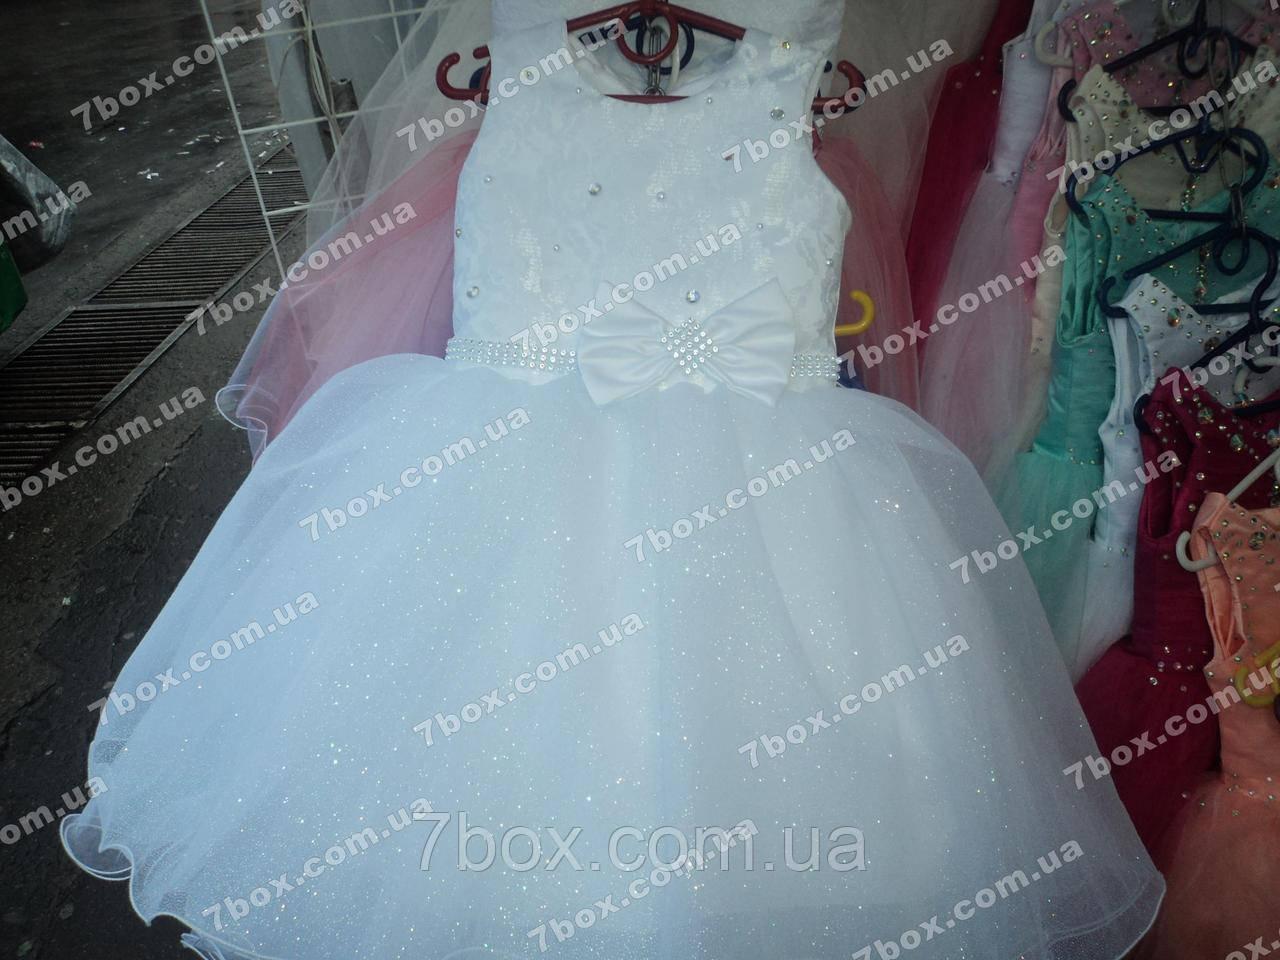 Детское платье бальное Мерцание снега (белое) Возраст 3,5-5 лет